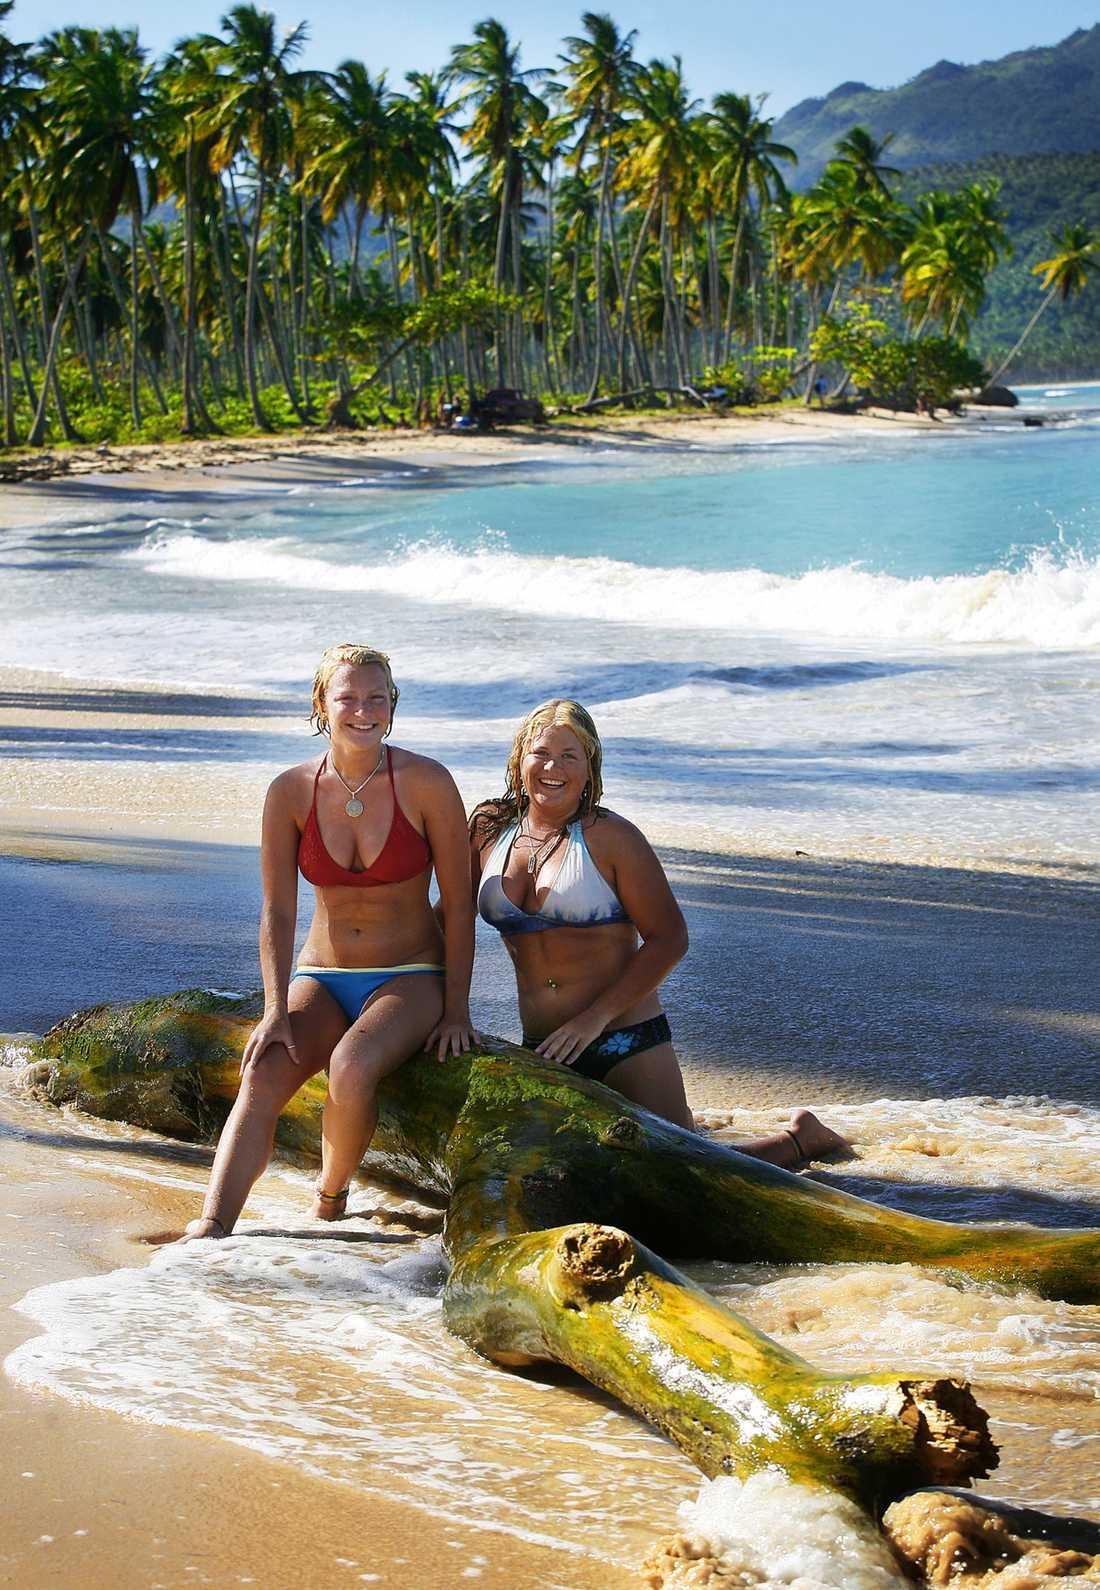 Chloe Thompson och Ashley Brown från USA provar Playa Rincón, av många ansedd som en av världens bästa stränder.